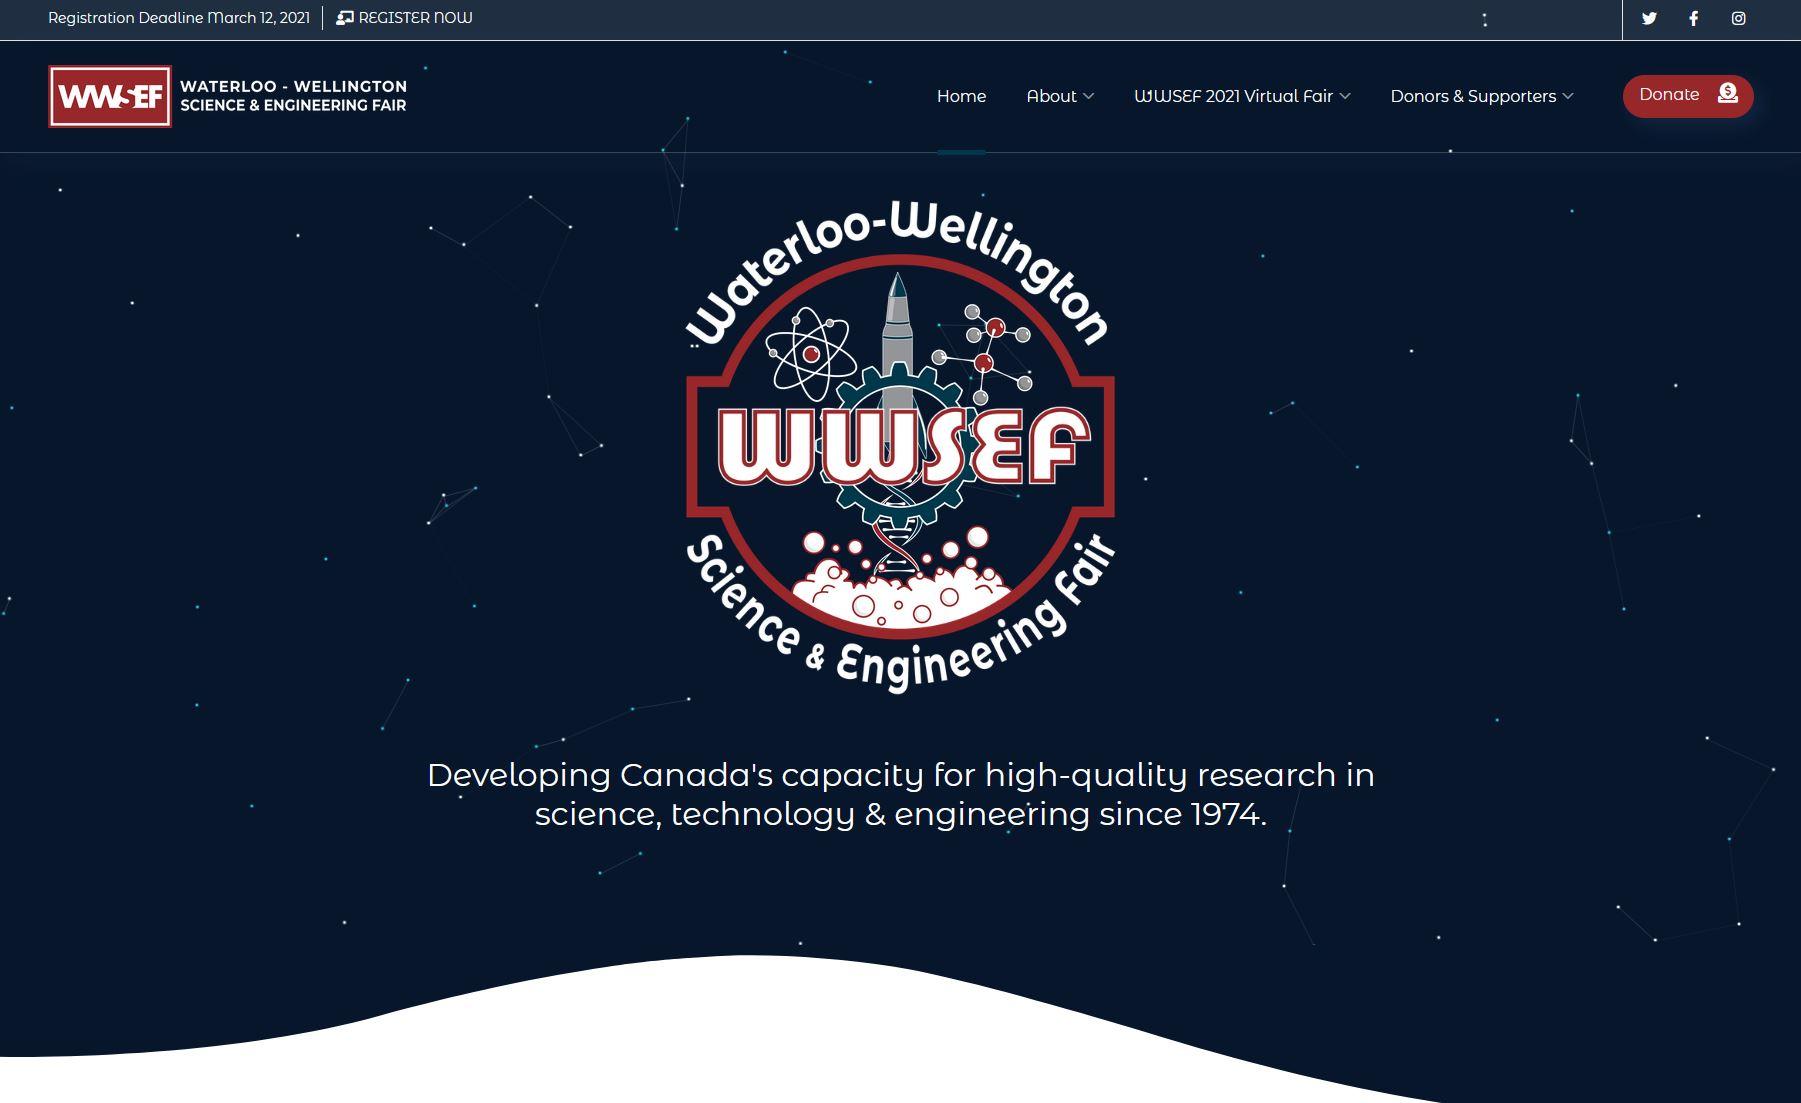 WWSEF Website Homepage